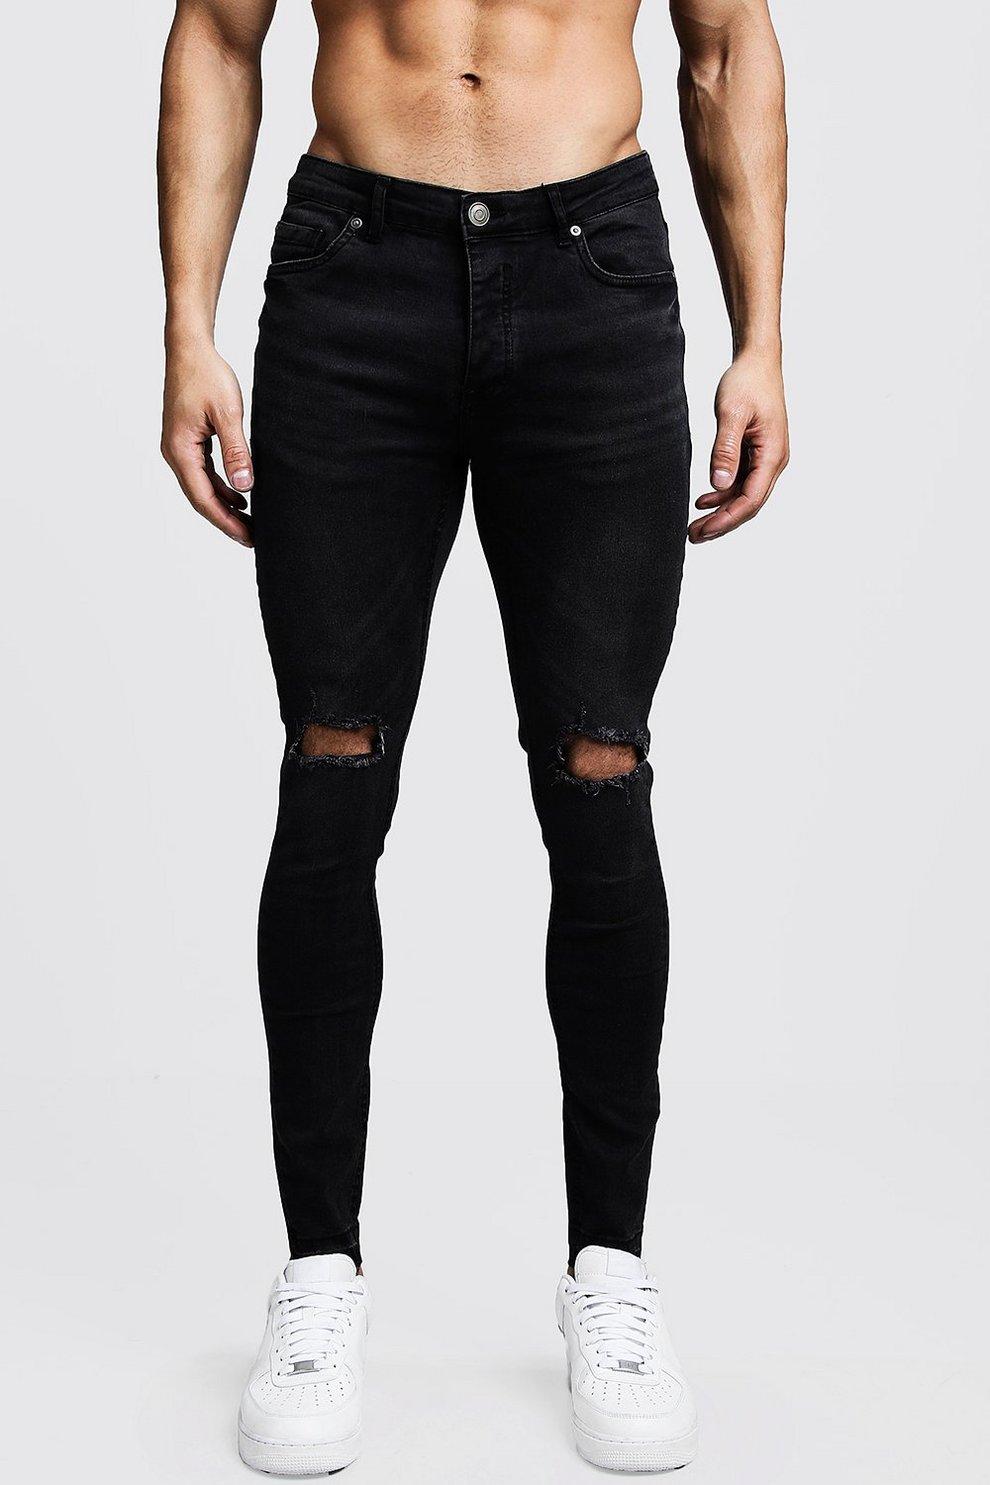 4a987101ea6b3 jean skinny noir déchiré aux genoux | Boohoo